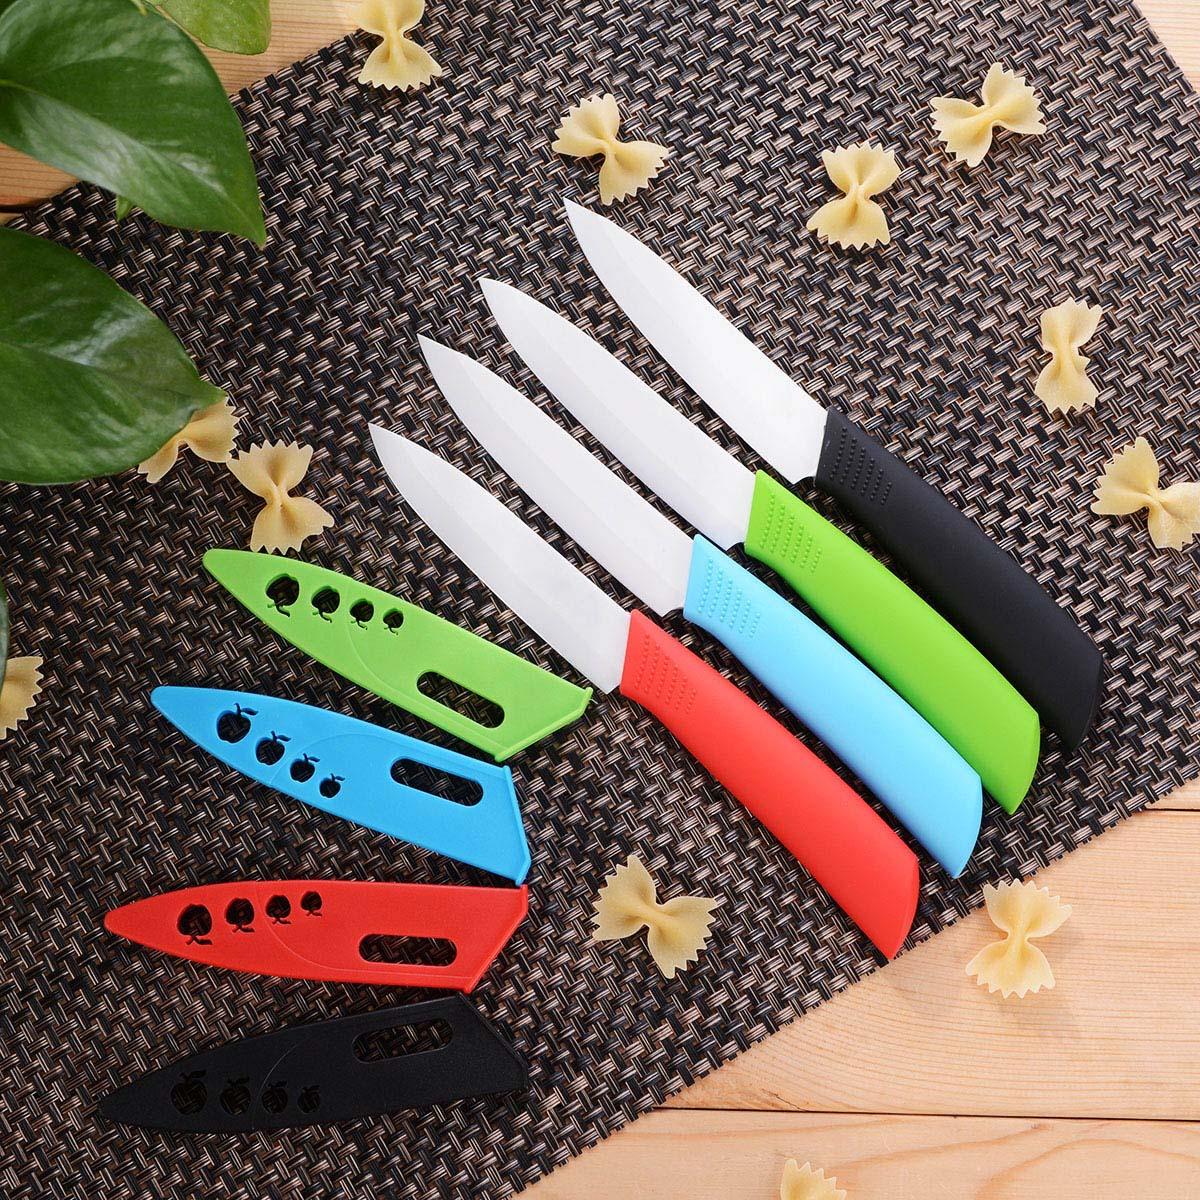 便攜4寸水果刀配刀鞘時尚家用廚房陶瓷刀具不生鏽輔食瓜果刀鋒利